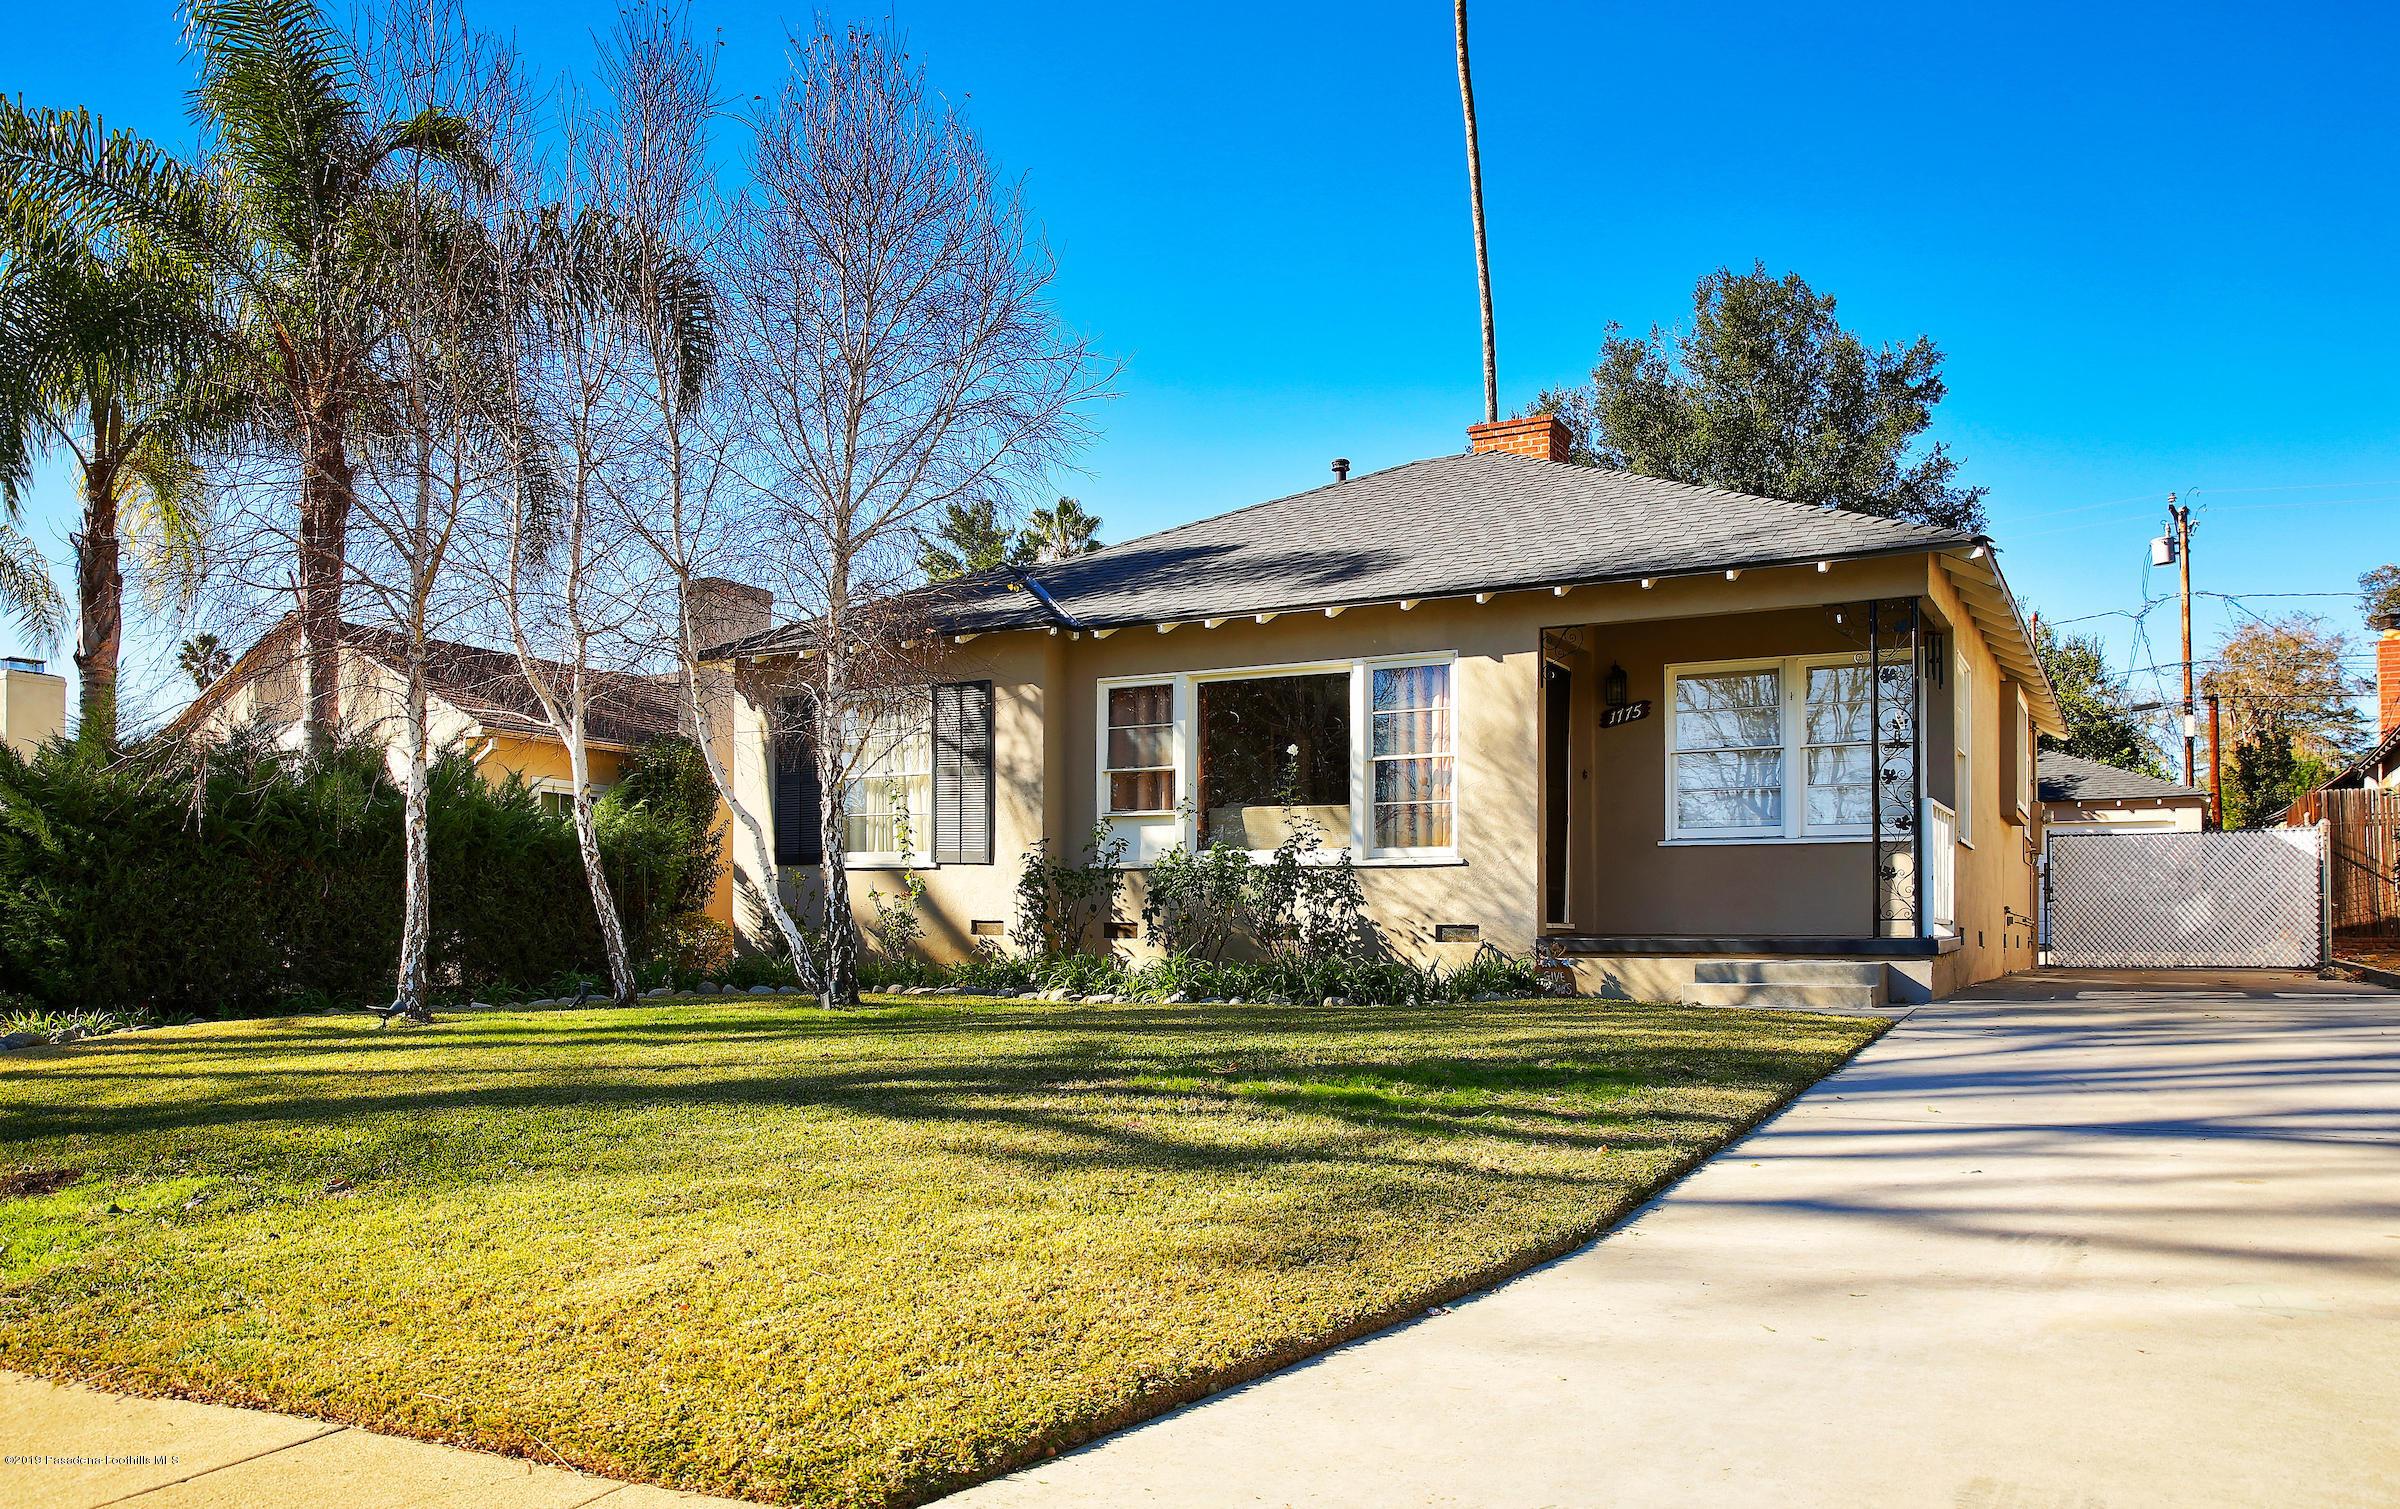 1775 Coolidge Avenue, Altadena, California